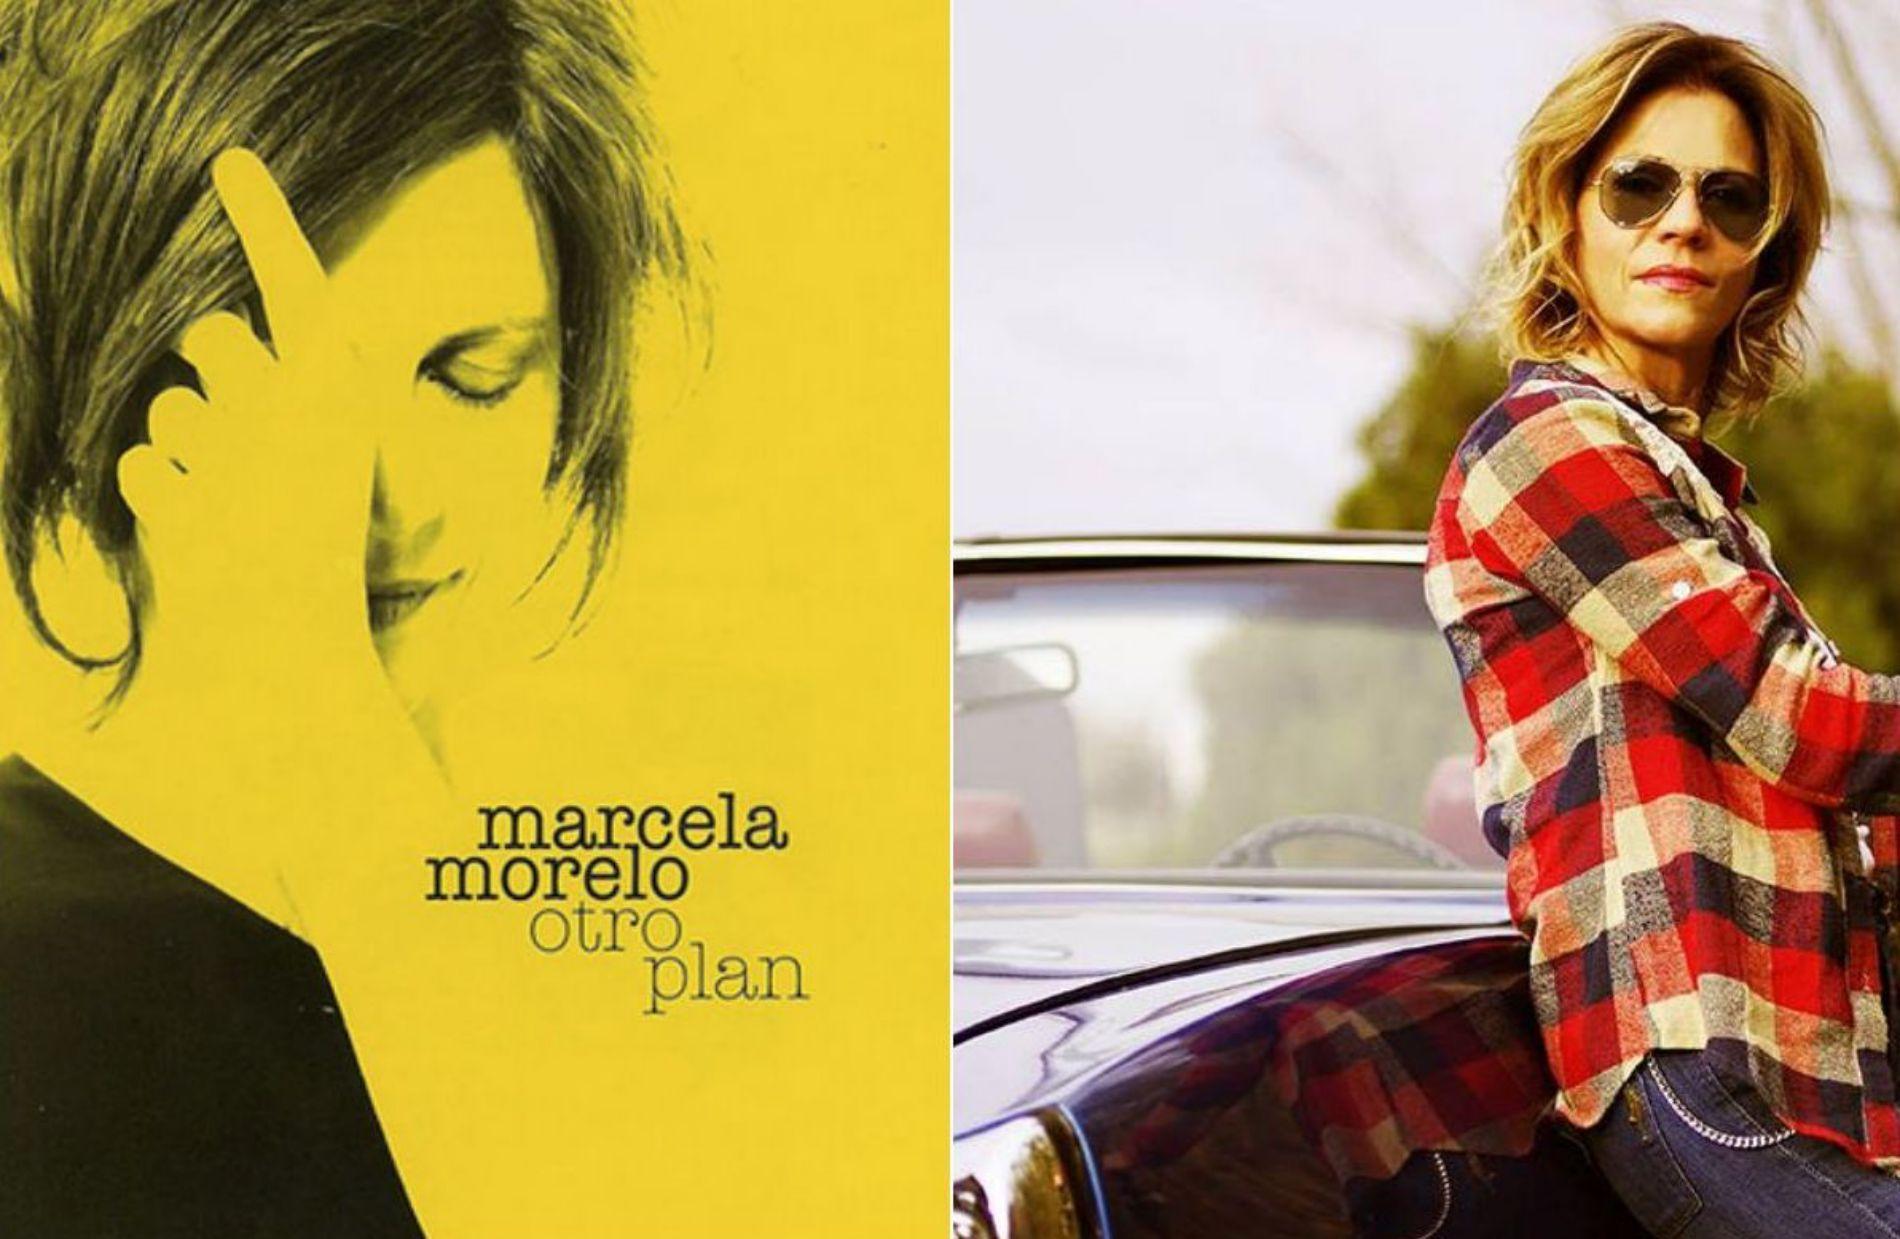 Marcela Morelo se atrevió con el éxito 'Moonlight Shadow', a la argentina, en su disco 'Otro Plan'. Fotos: Facebook.